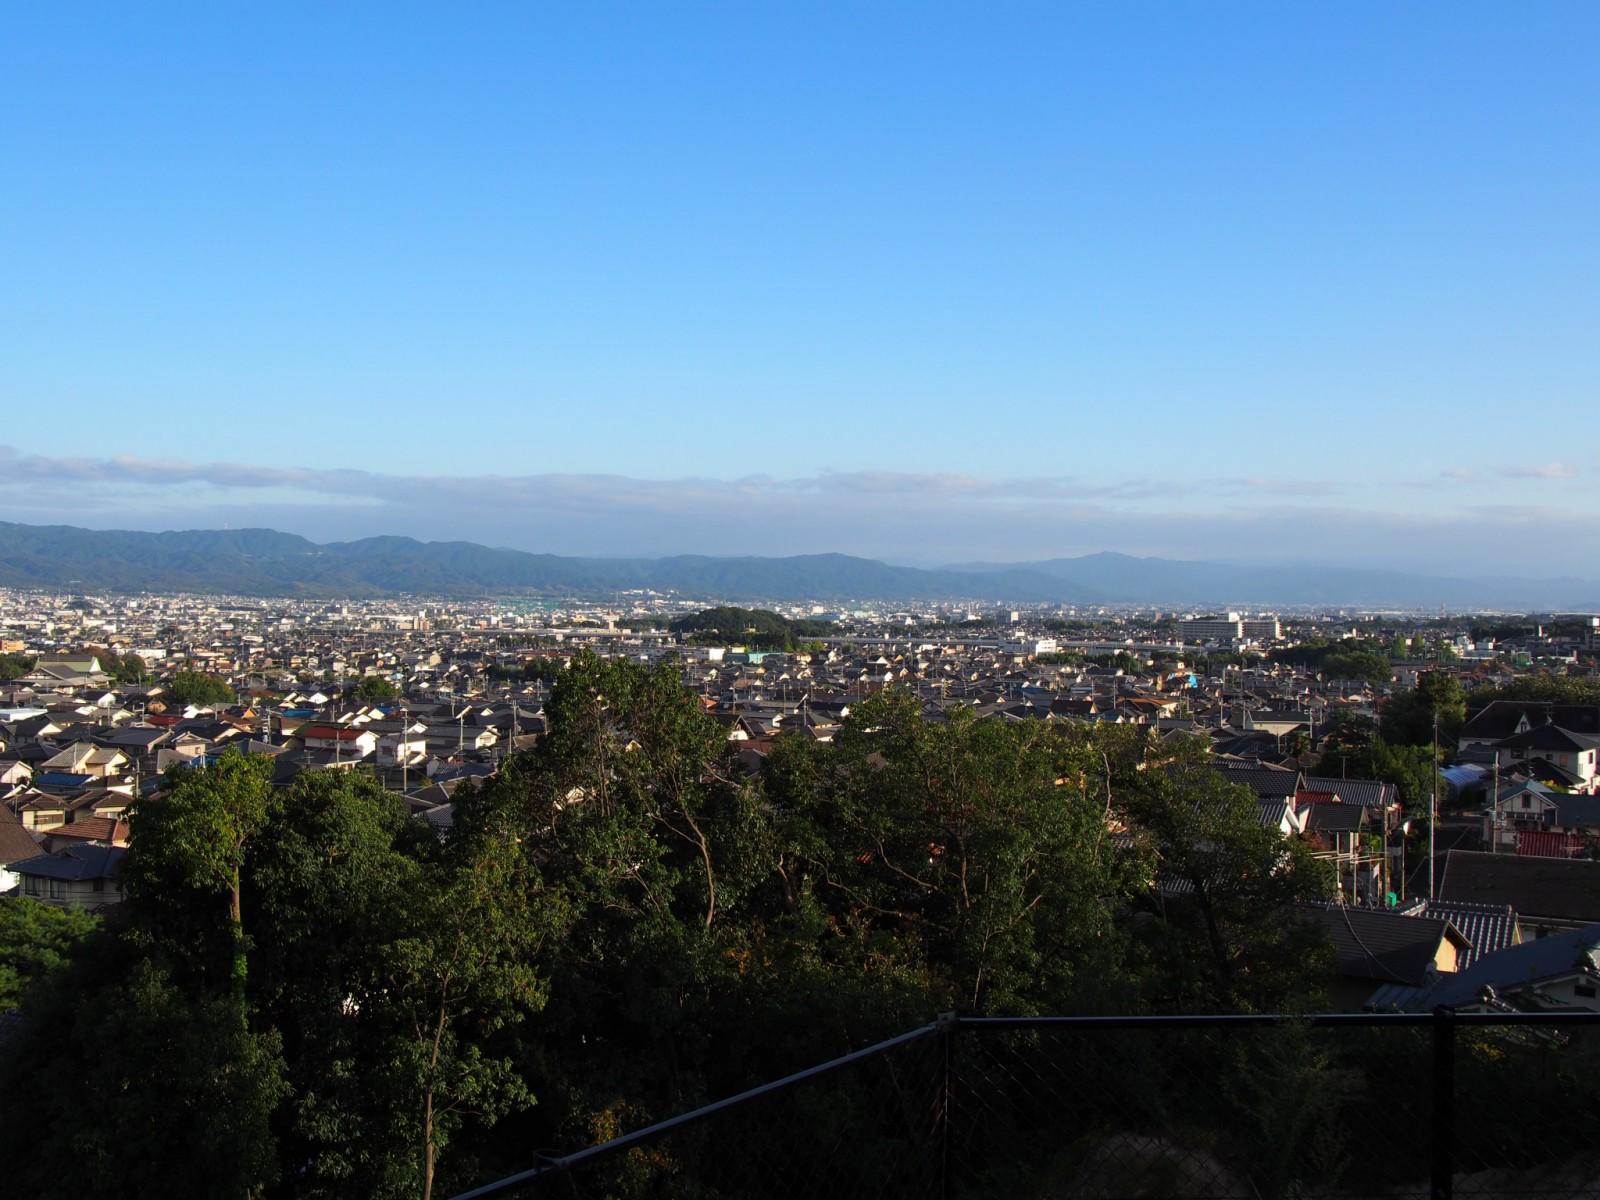 鷹塚山地蔵尊から大和青垣を望む